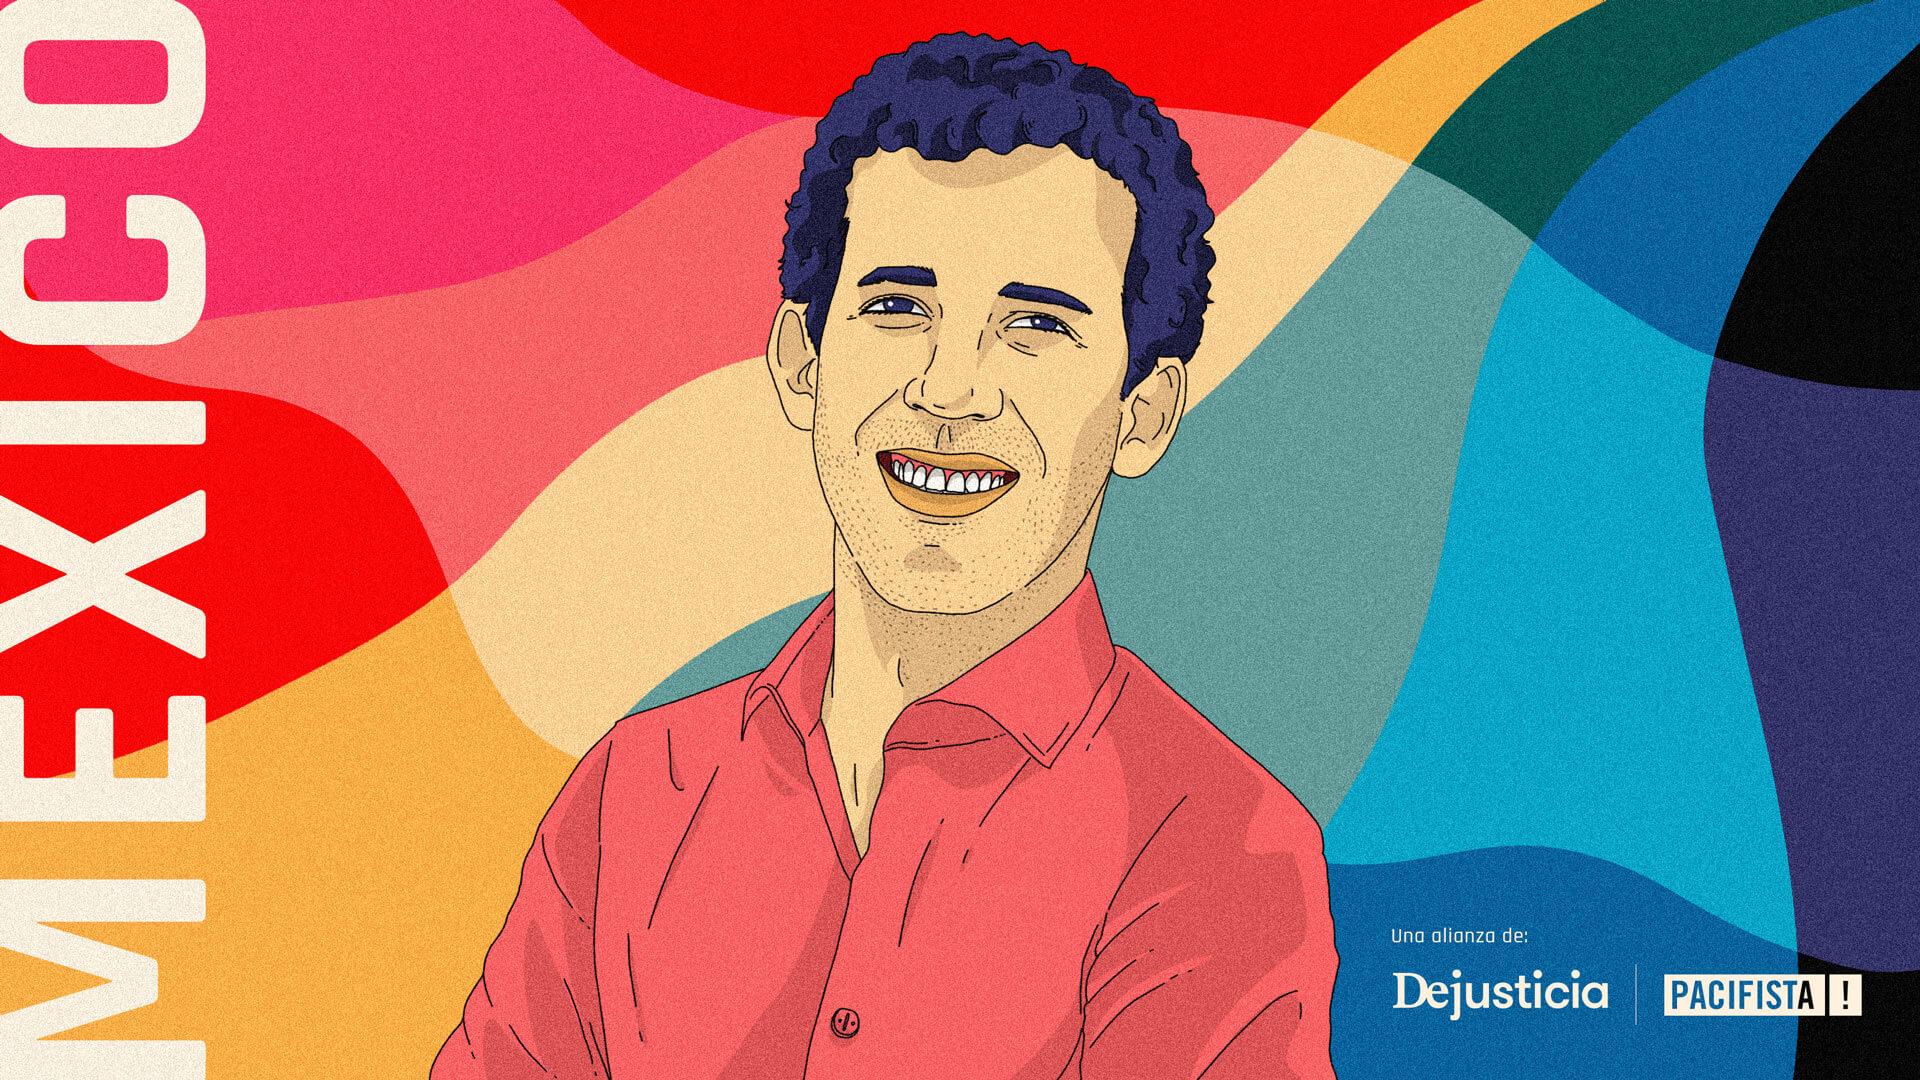 El candidato gay que retó a la élite política en México